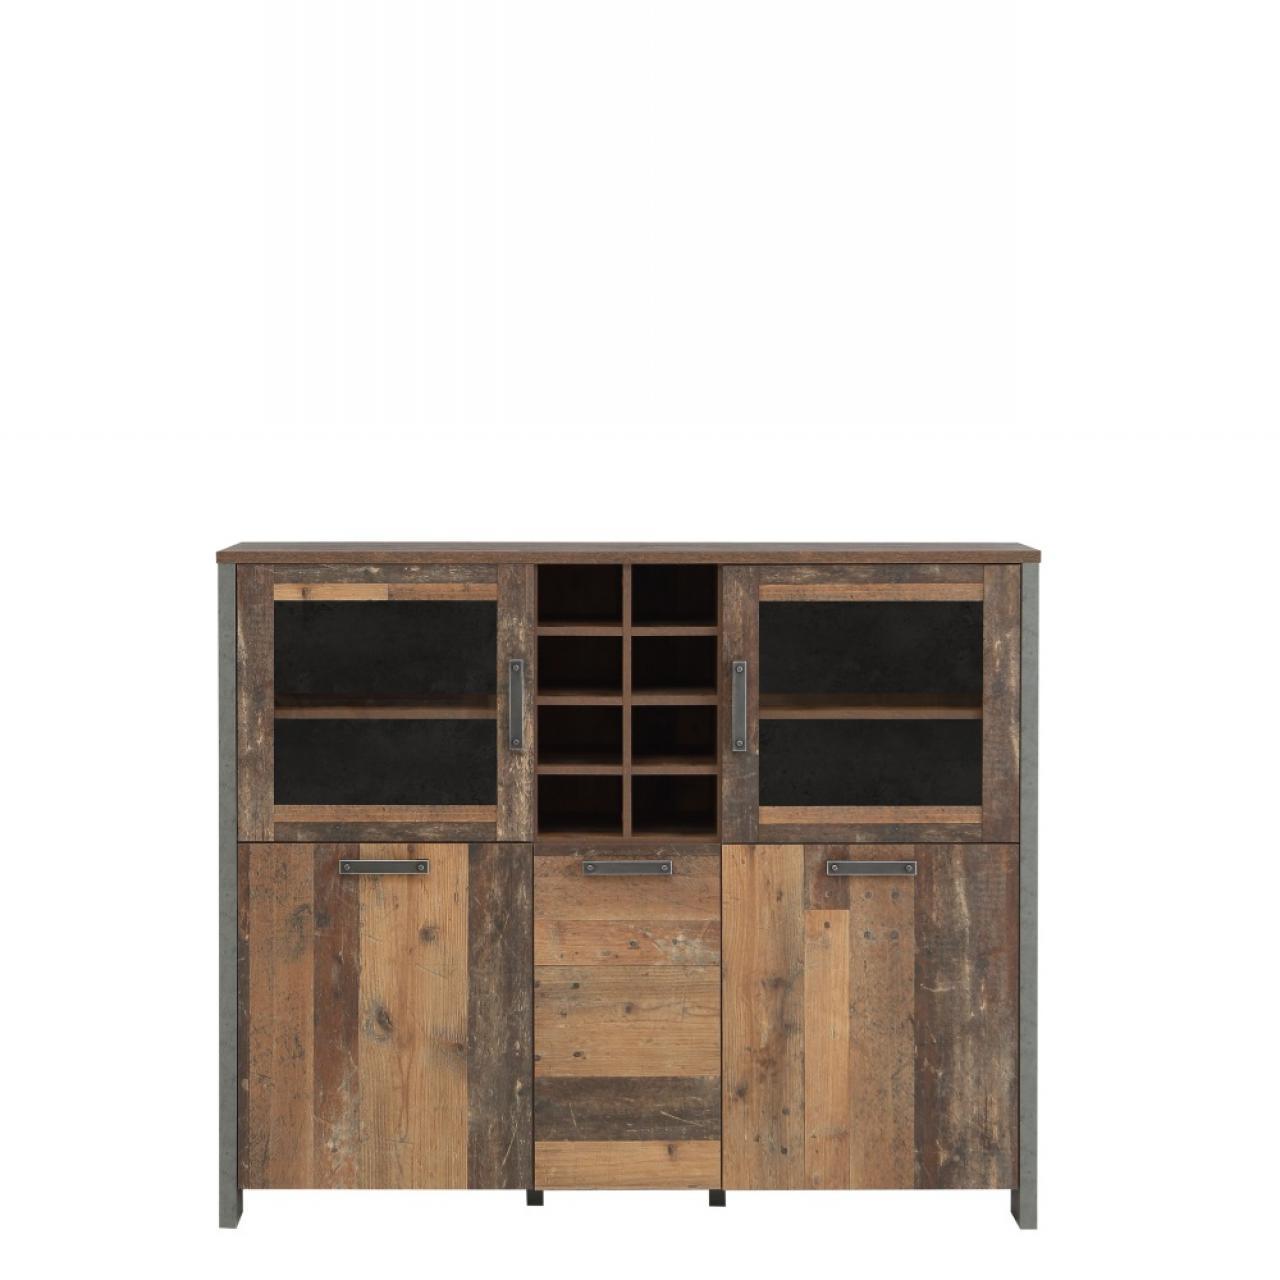 Highboardvitrine Clif 5 Türen Old Wood Vintage Nb. Betonoptik Dunkelgrau MDF